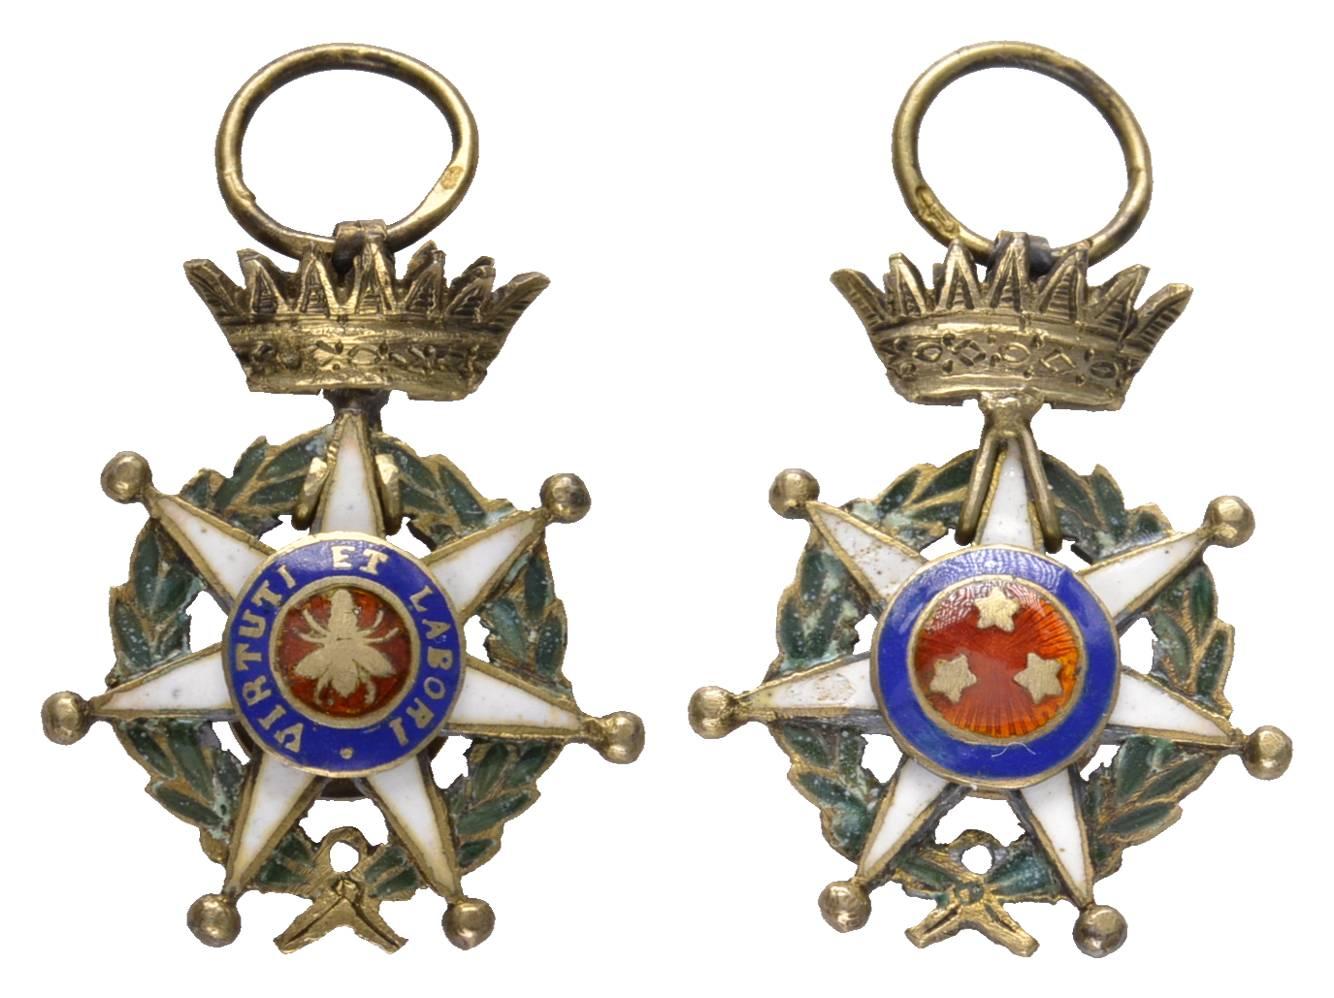 Ehrenzeichen einer nicht identifizierten alten for Frankreich dekoration